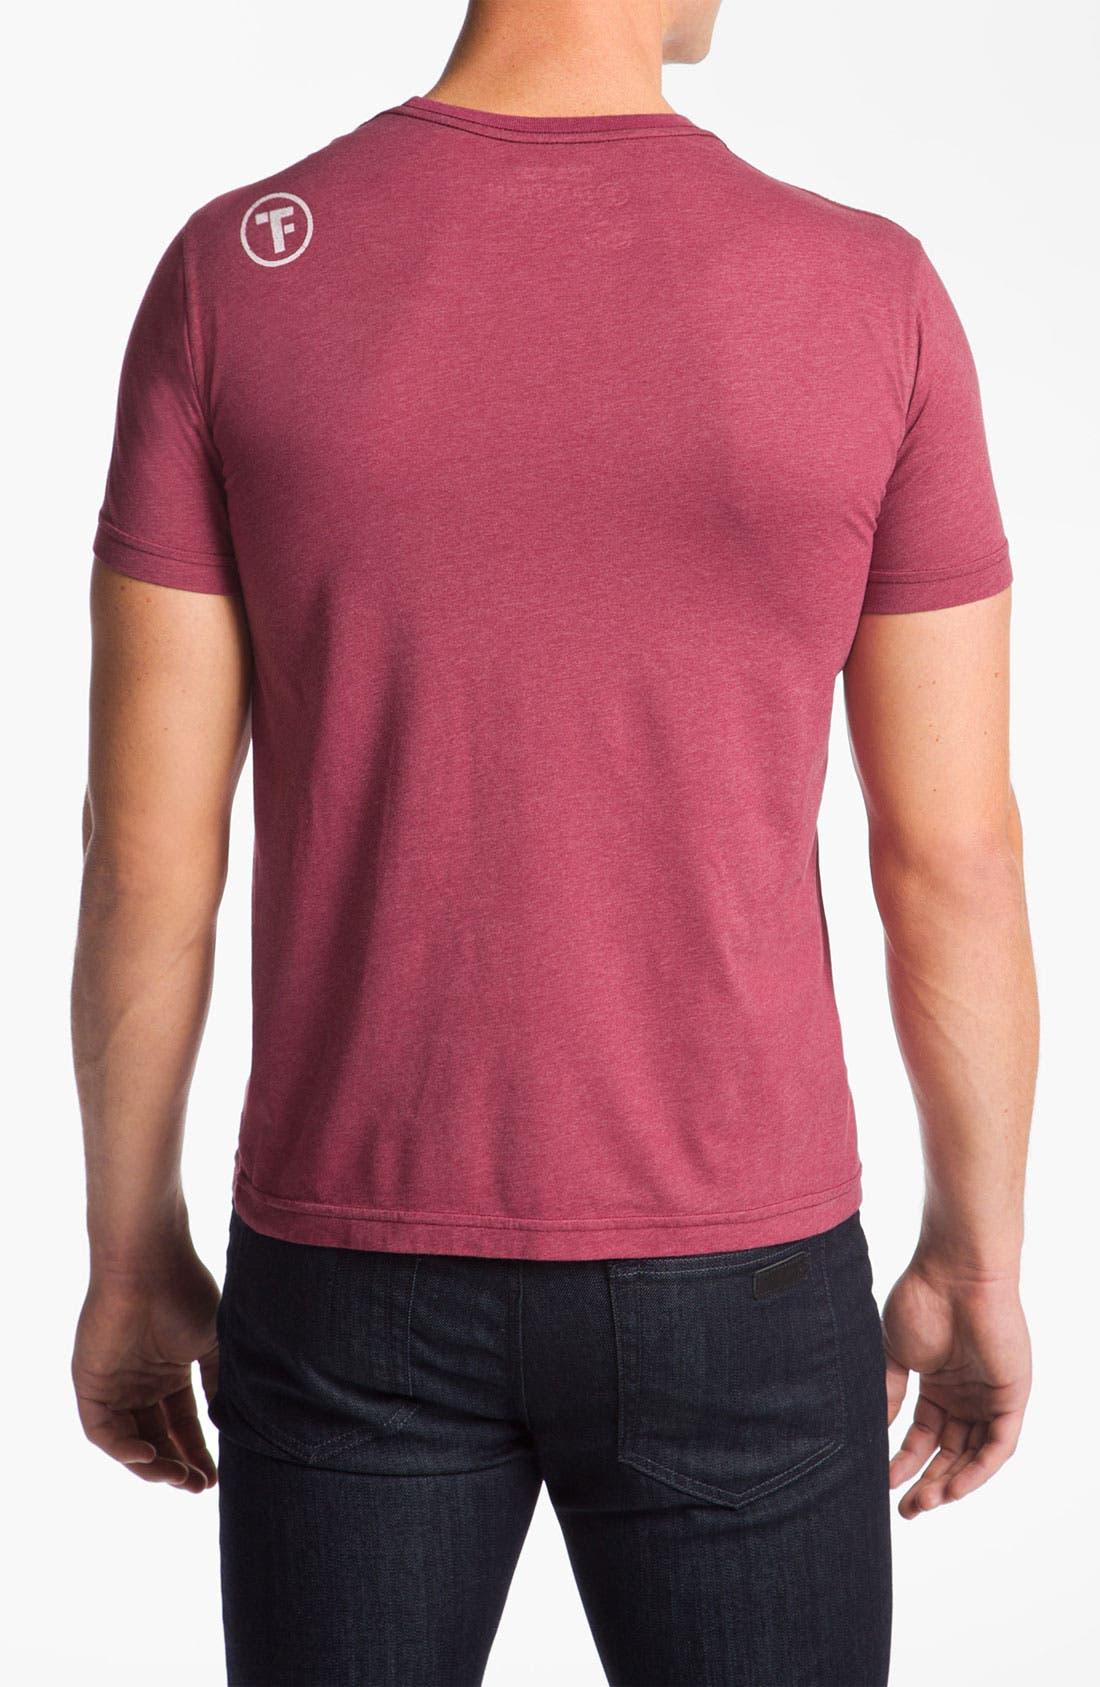 Alternate Image 2  - Tankfarm 'Barley & Hops' T-Shirt